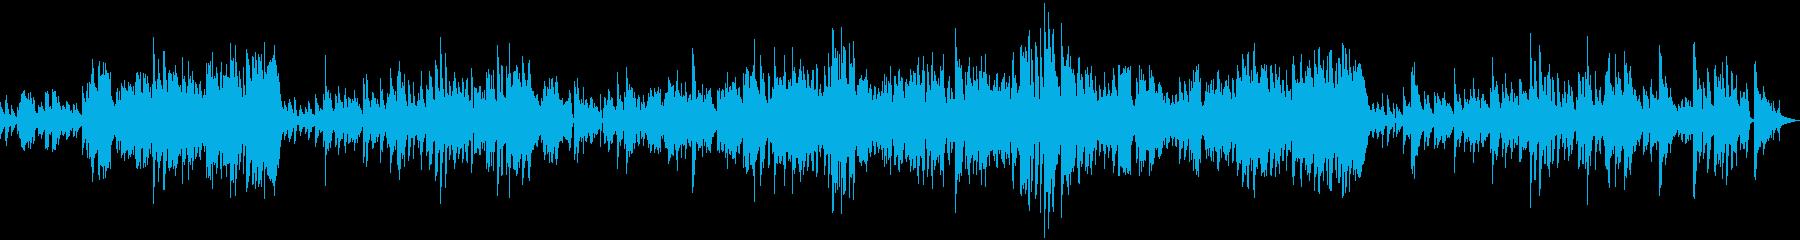 ジャズ 感情的 クール やる気 バ...の再生済みの波形